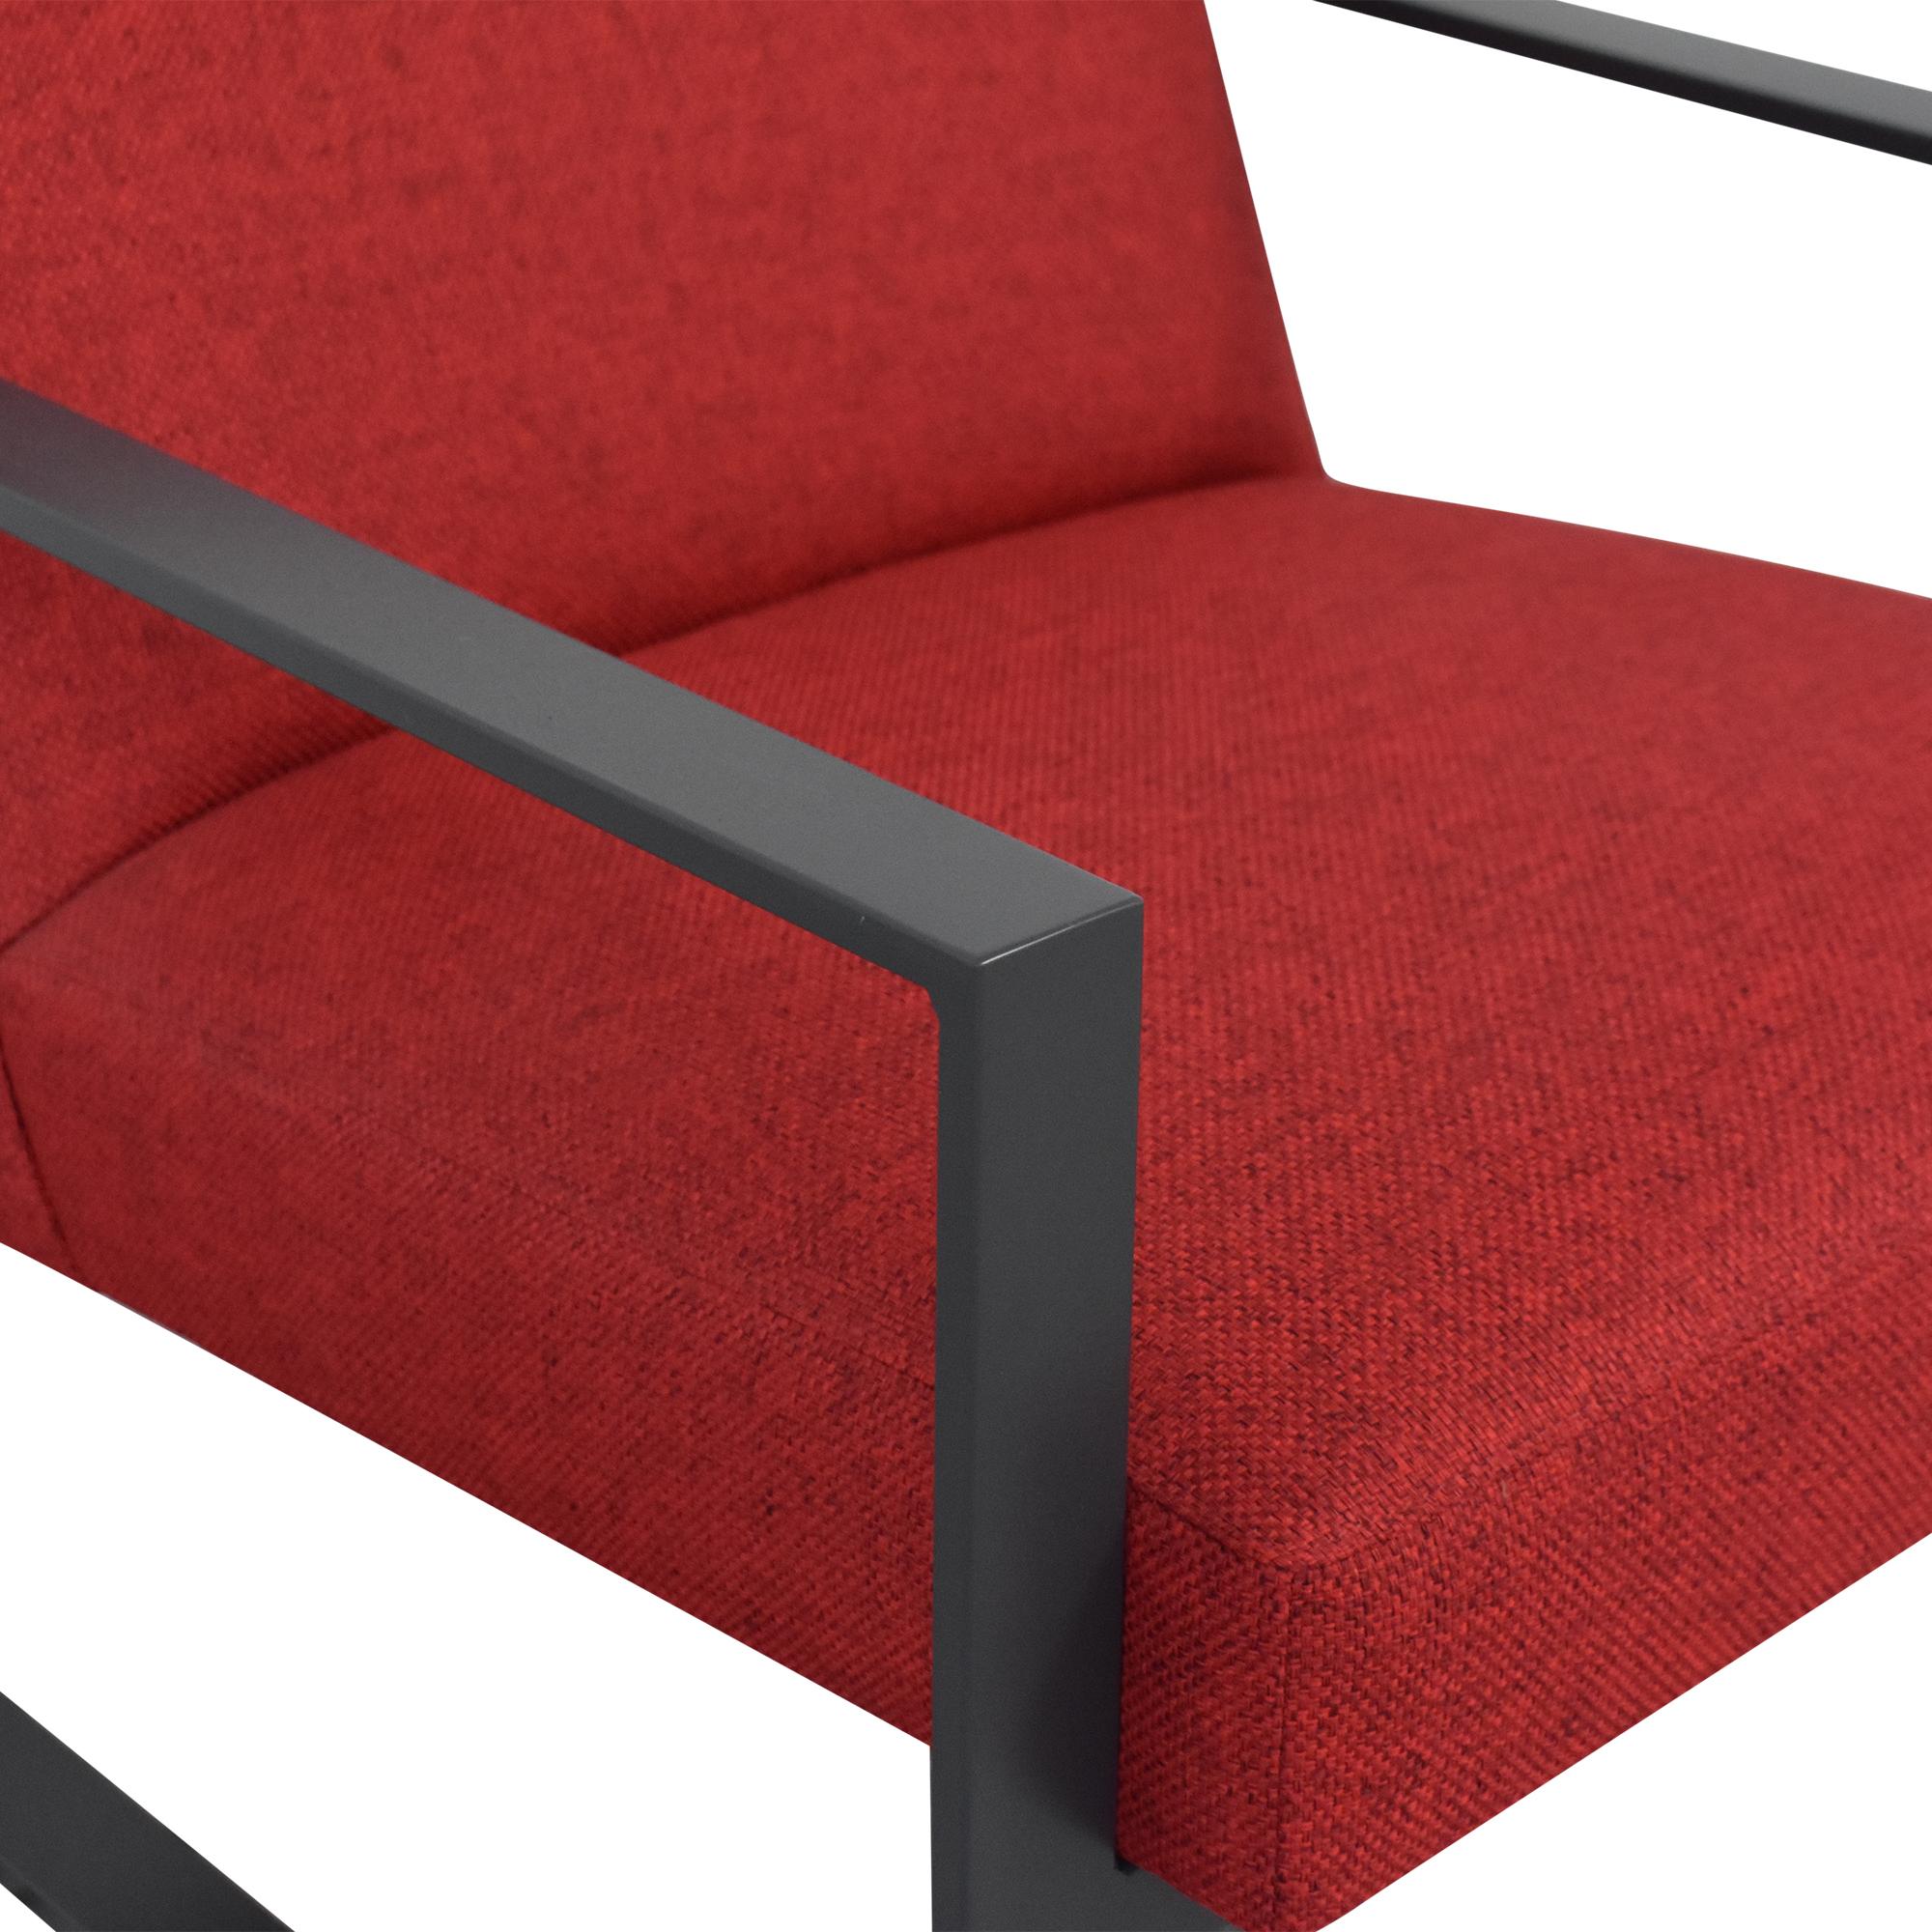 shop Crate & Barrel Crate & Barrel Specs Chair online